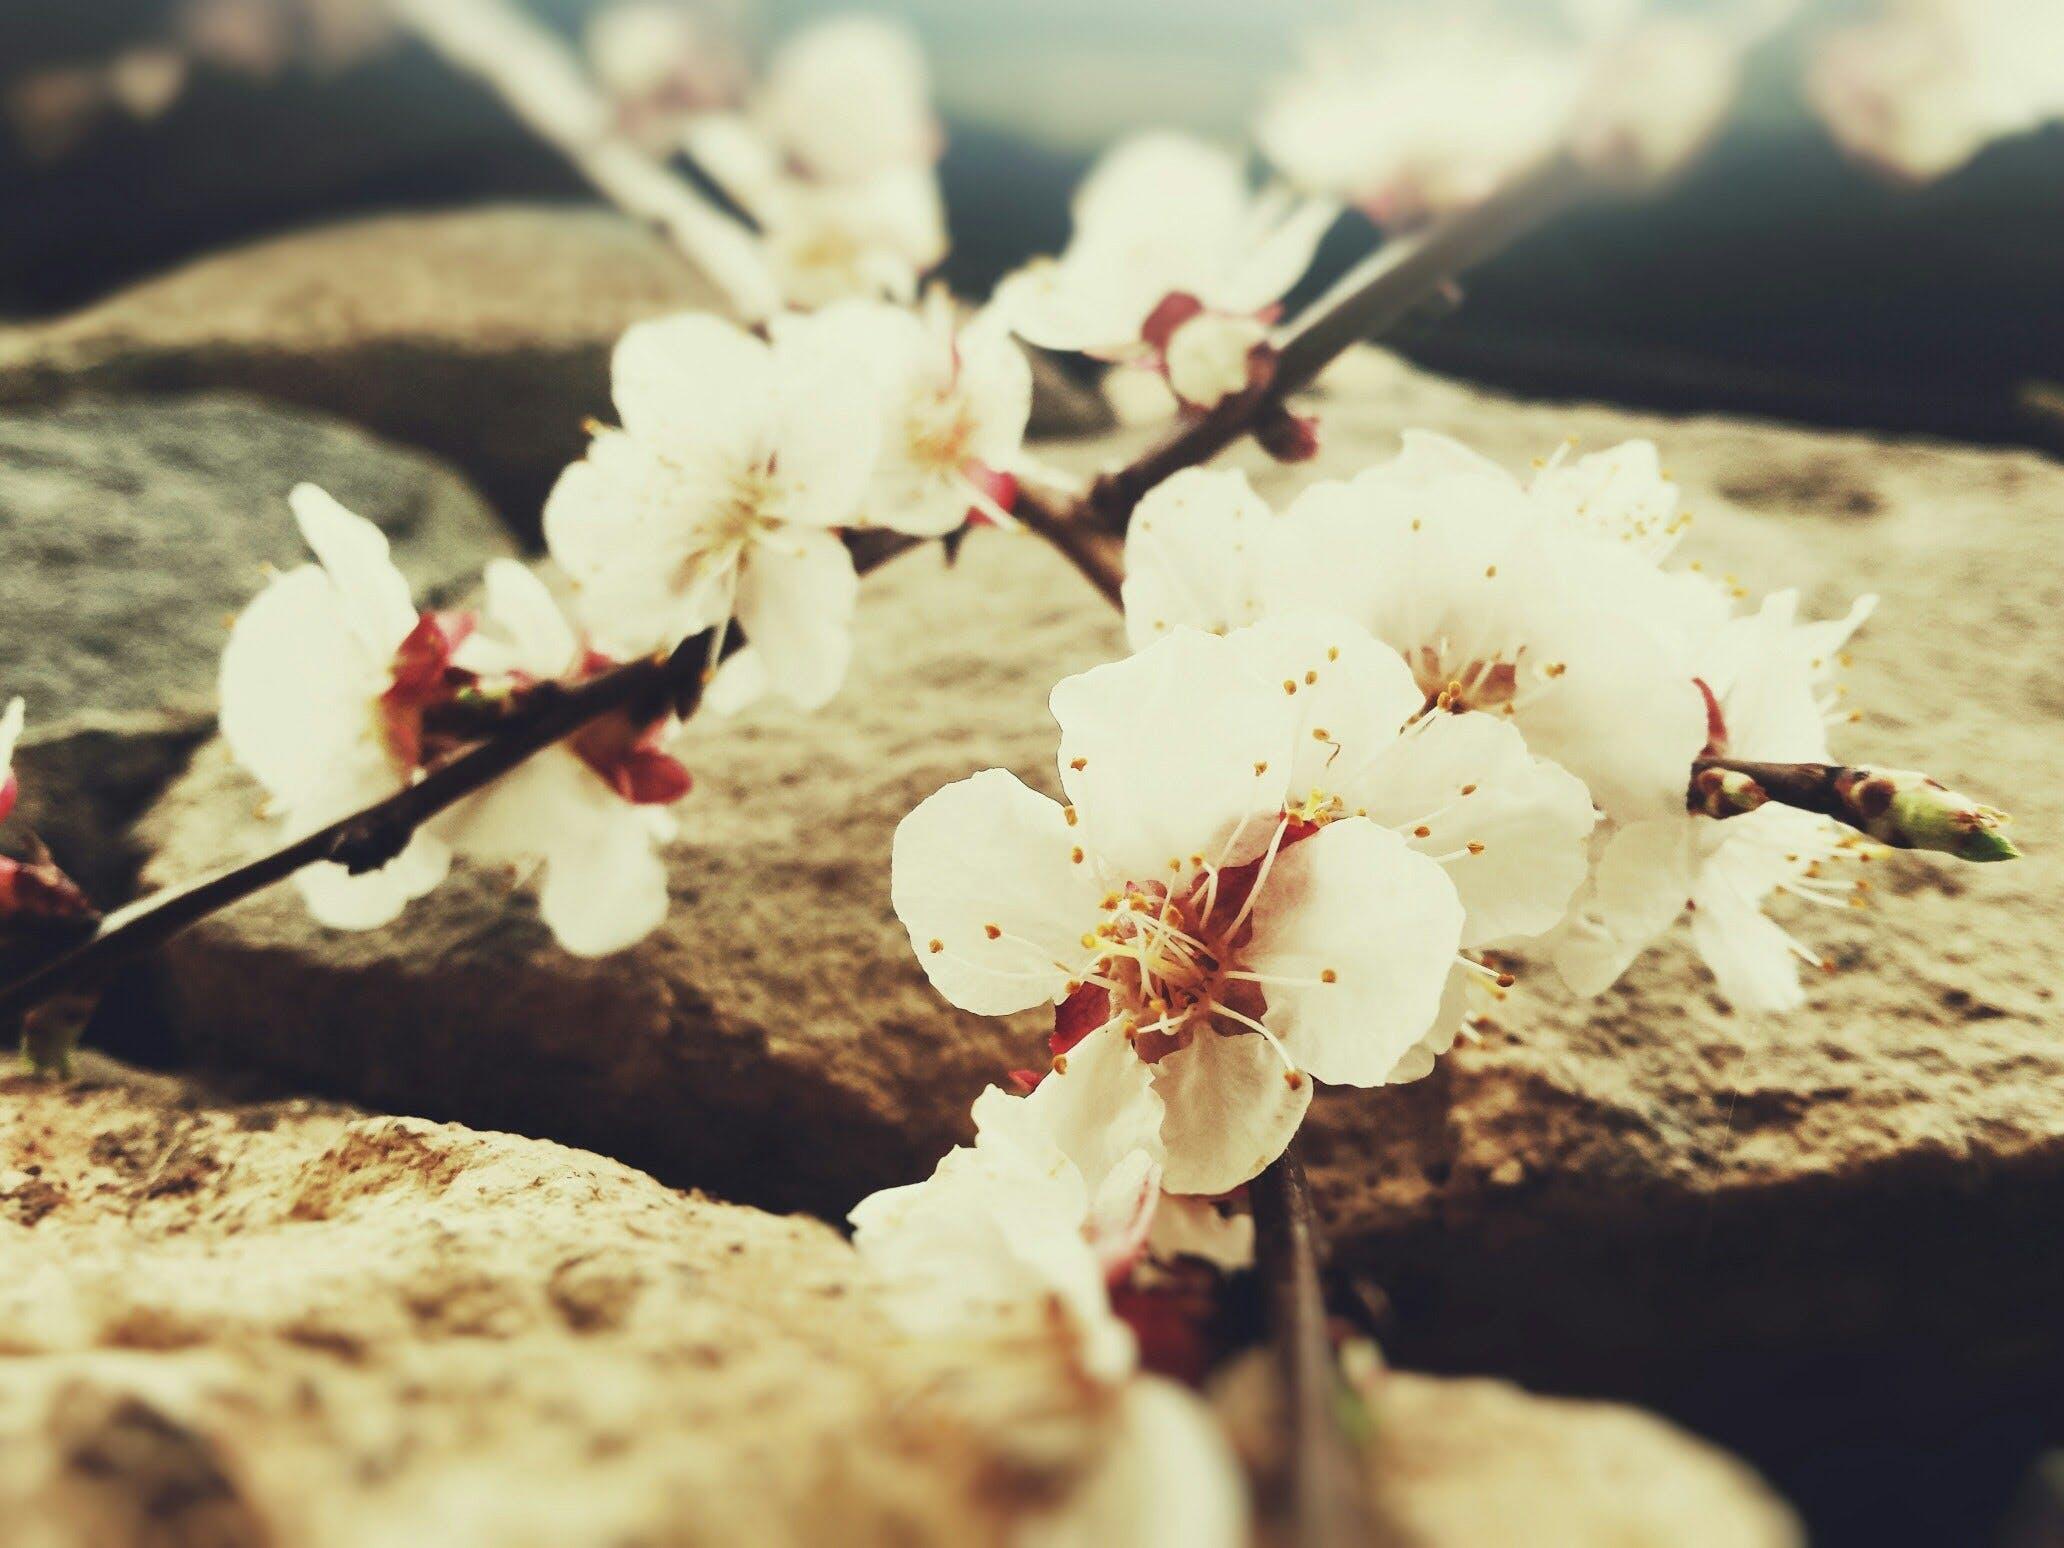 Δωρεάν στοκ φωτογραφιών με άνθη, κερασιά, λουλούδια